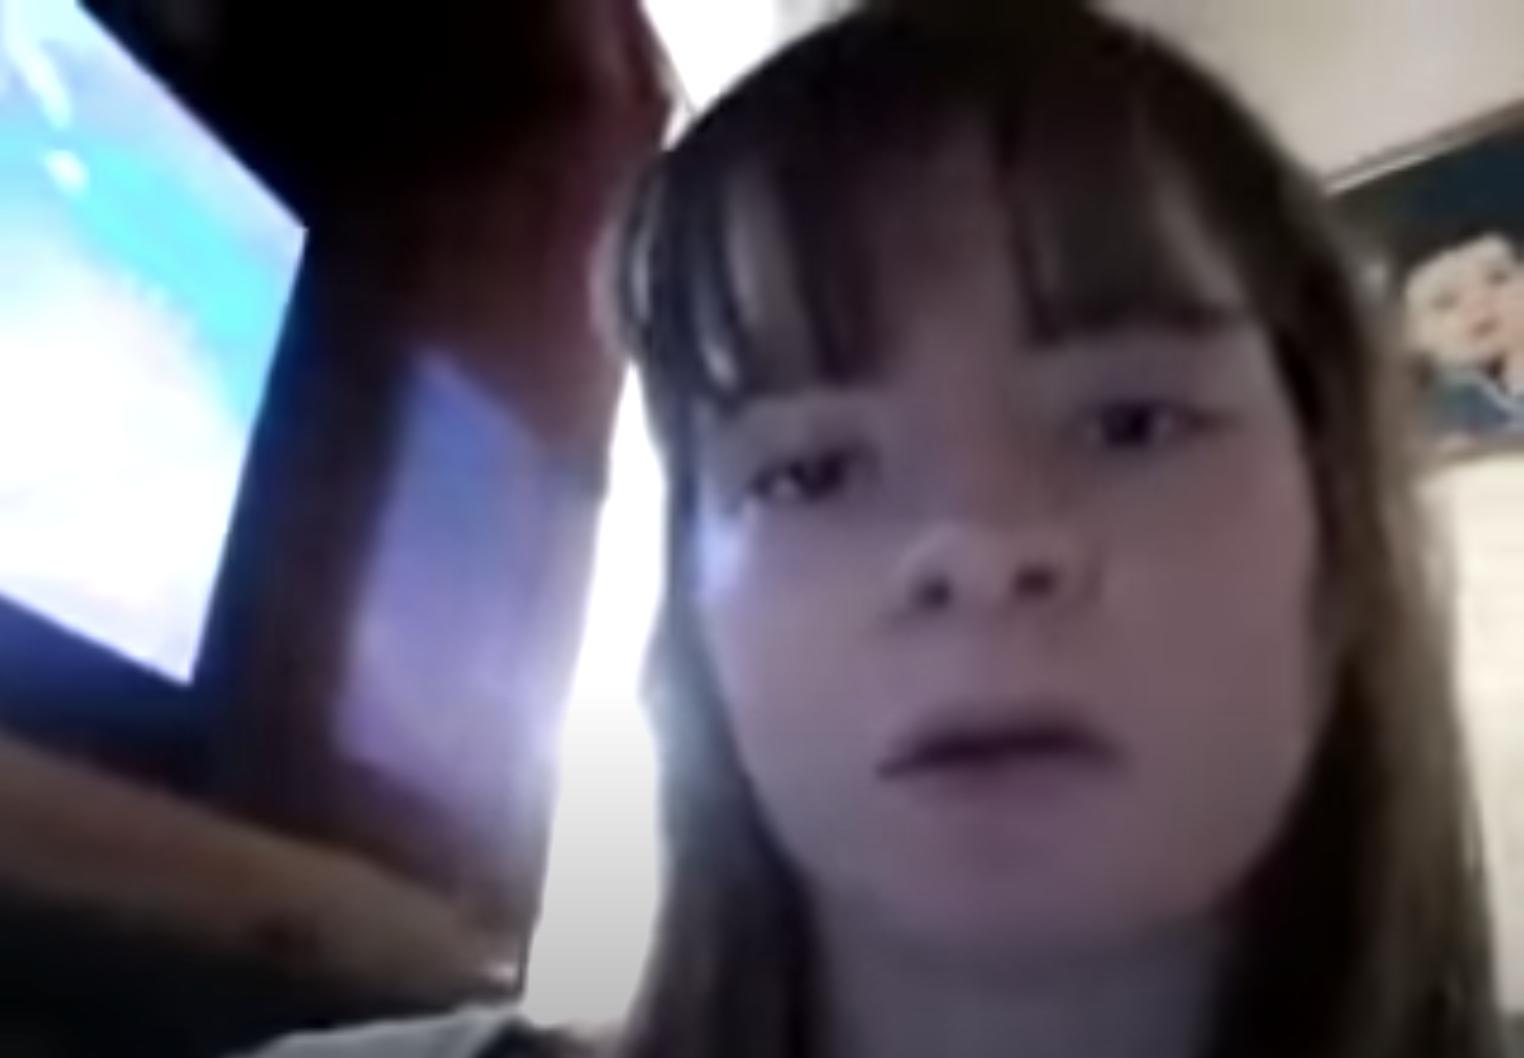 Amandine du 38 sur Youtube.© Capture d'écran Youtube